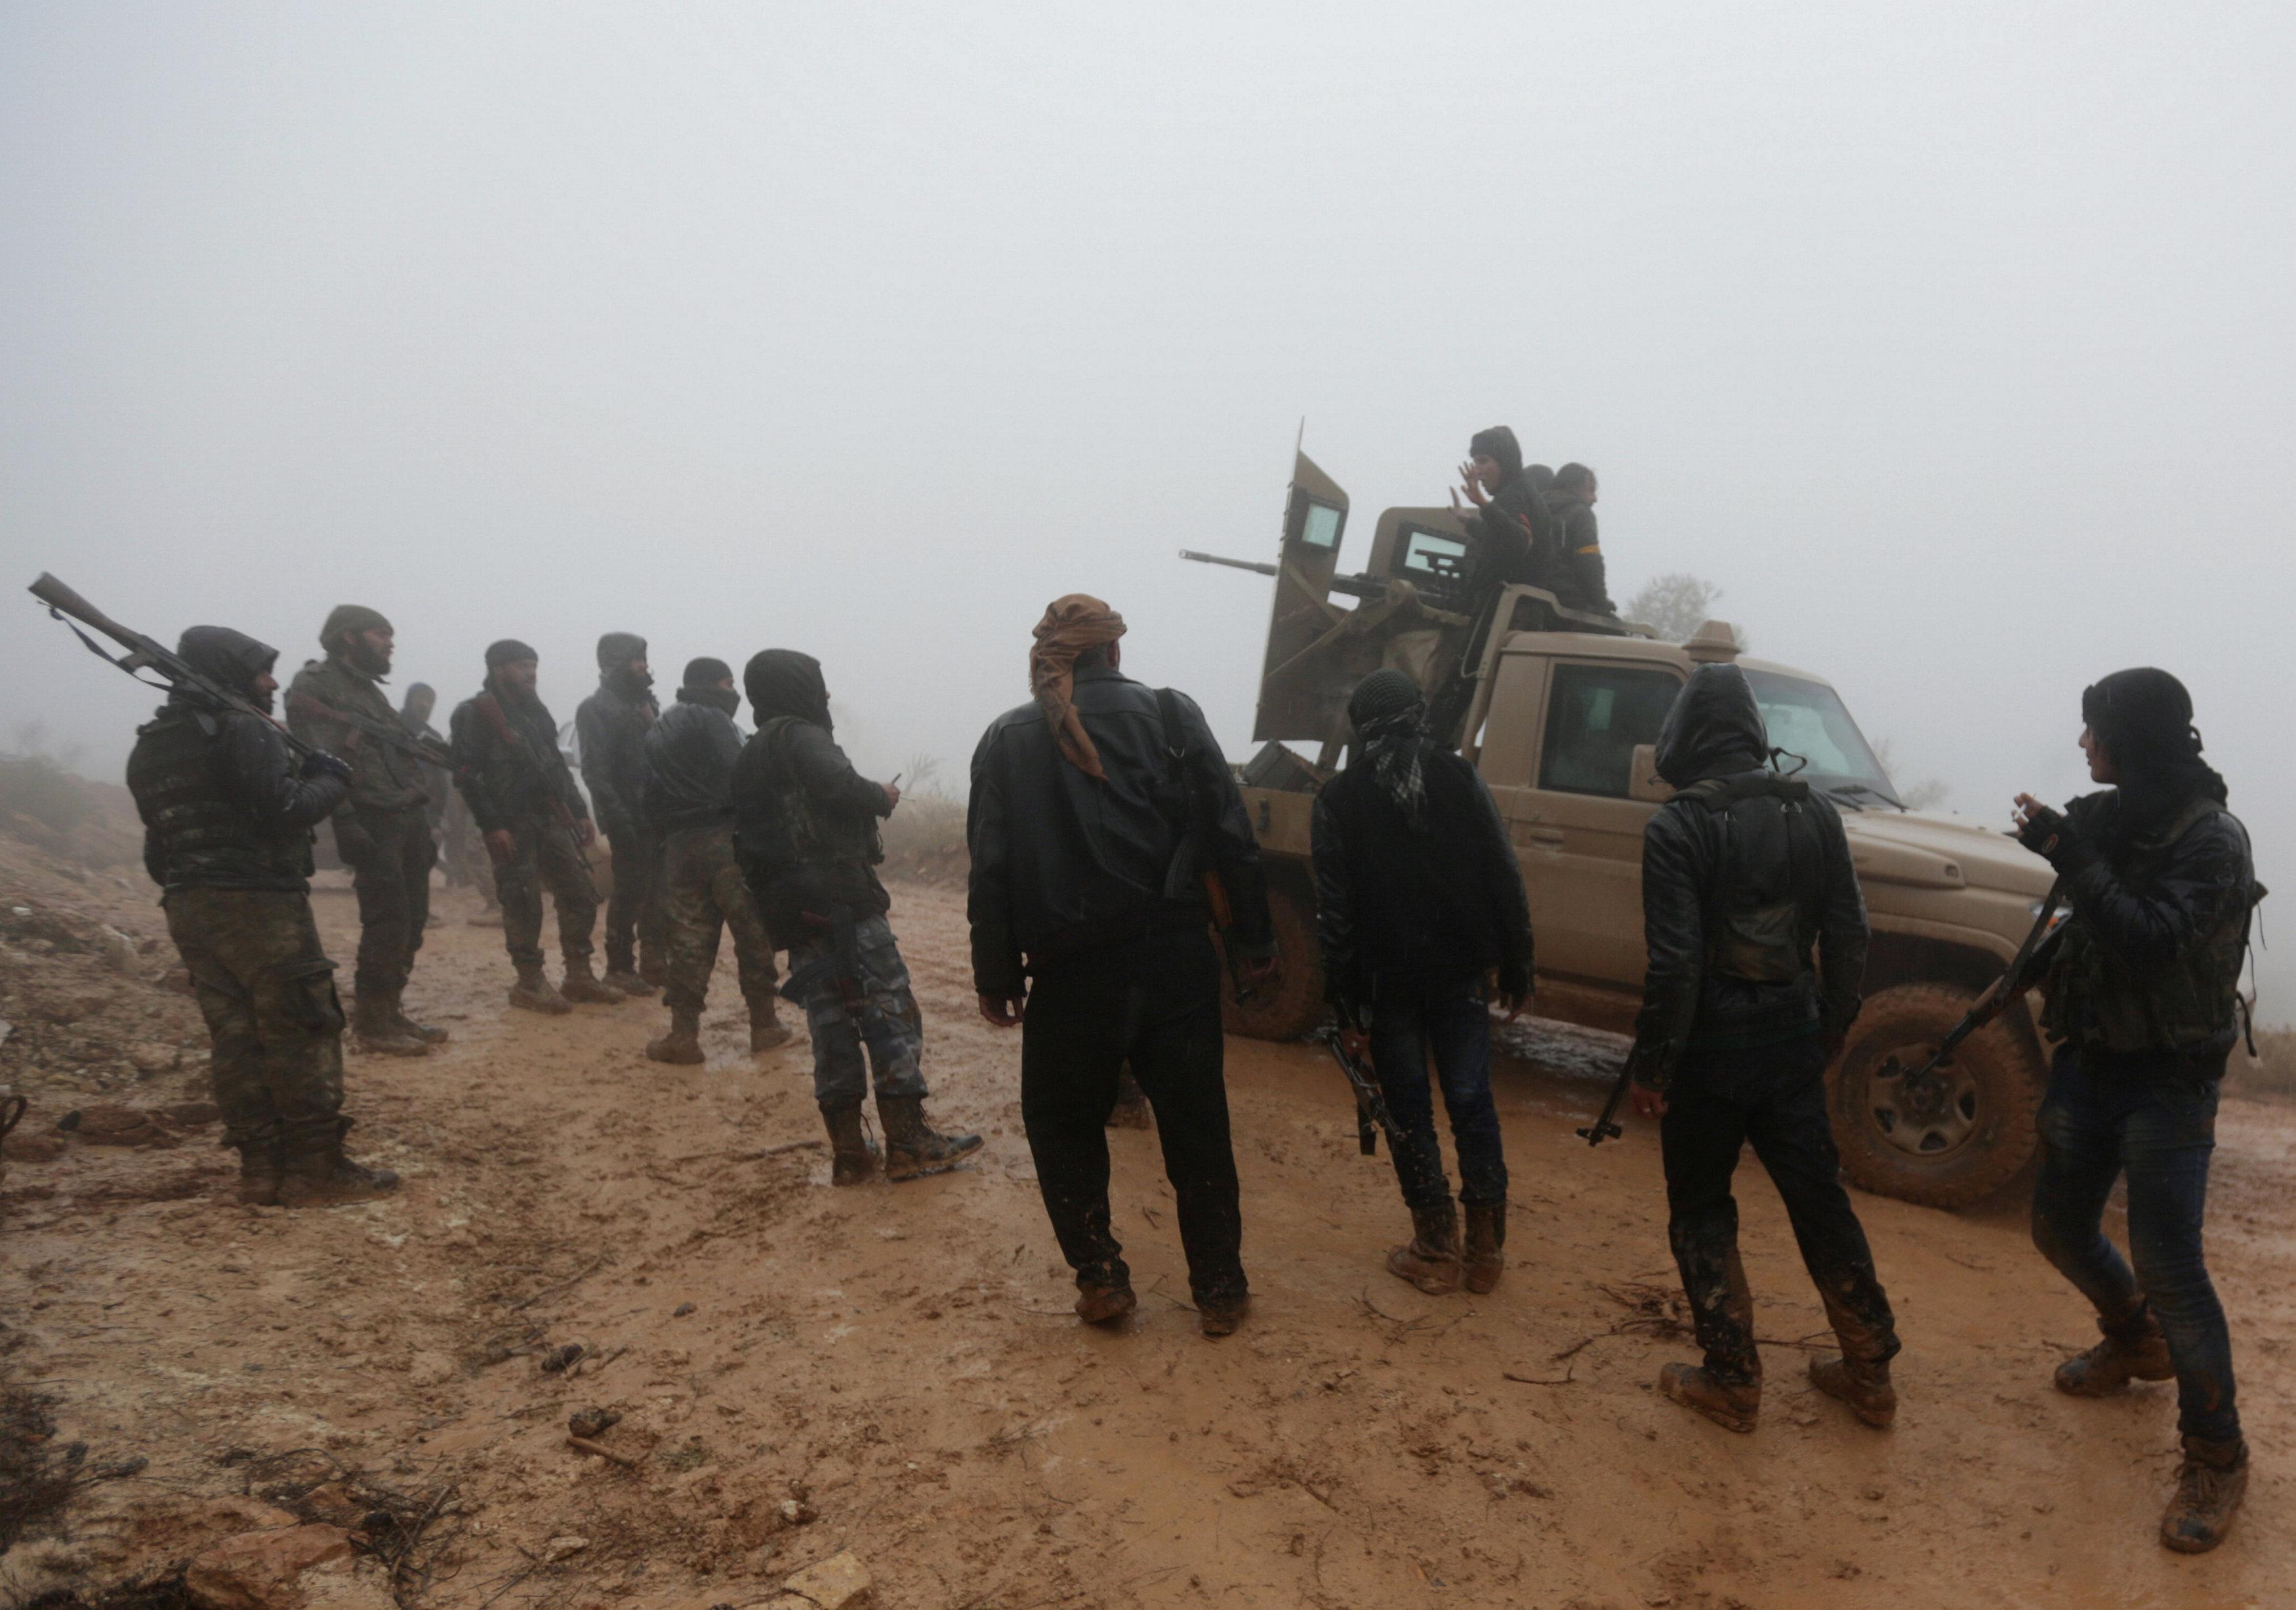 داعش بە ناوێکی نوێ لە خانەقین و حەمرین گردبوونەتەوە.. بەرپرسێکی پێشمەرگە زانیاری ئاشکرا دەکات